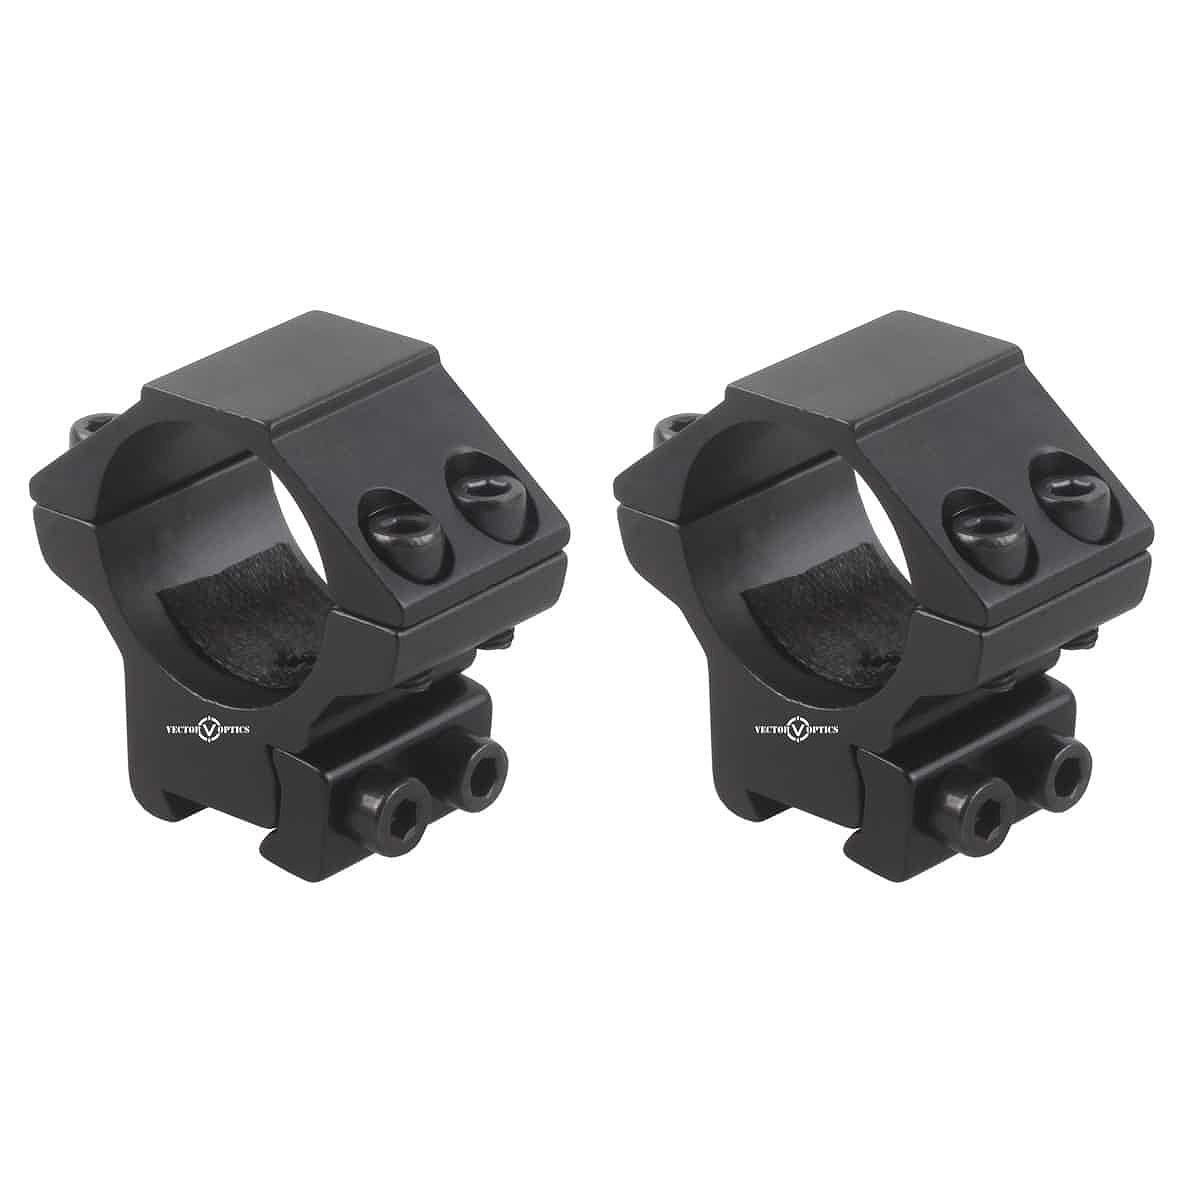 ベクターオプティクス  25.4mm Dovetail Rings  Vector Optics SCOT-53